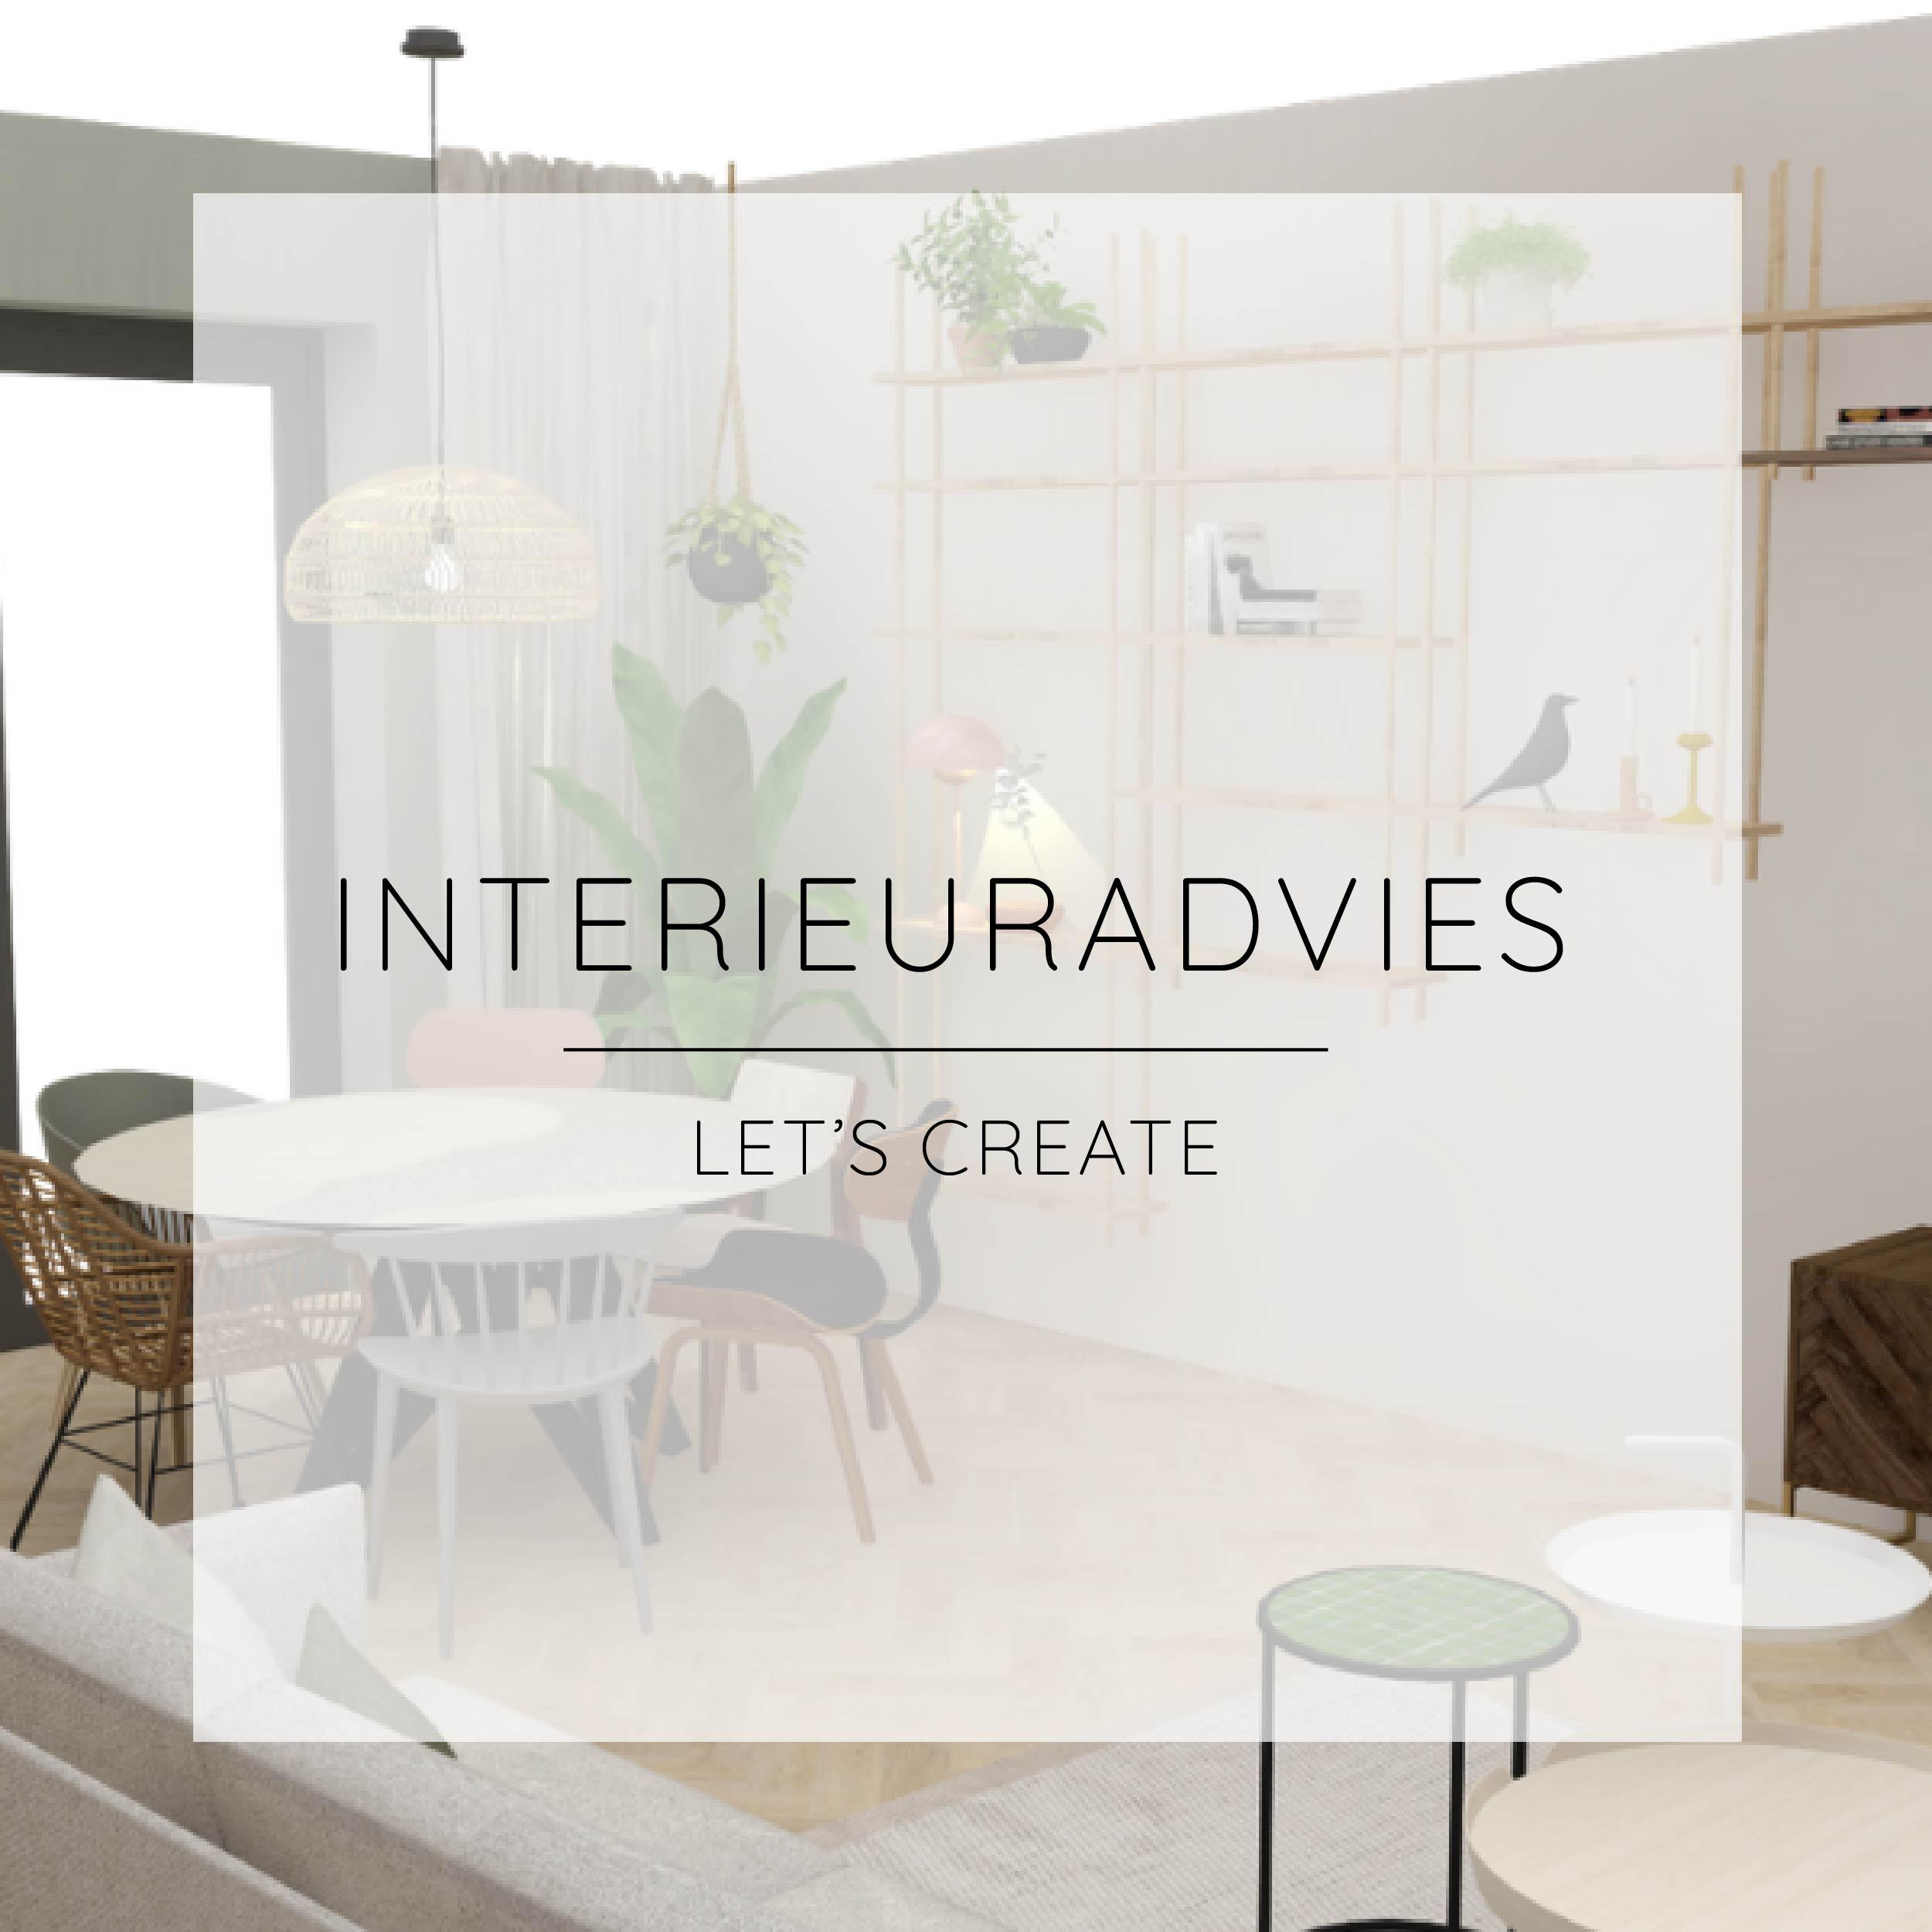 interieuradvies aan huis